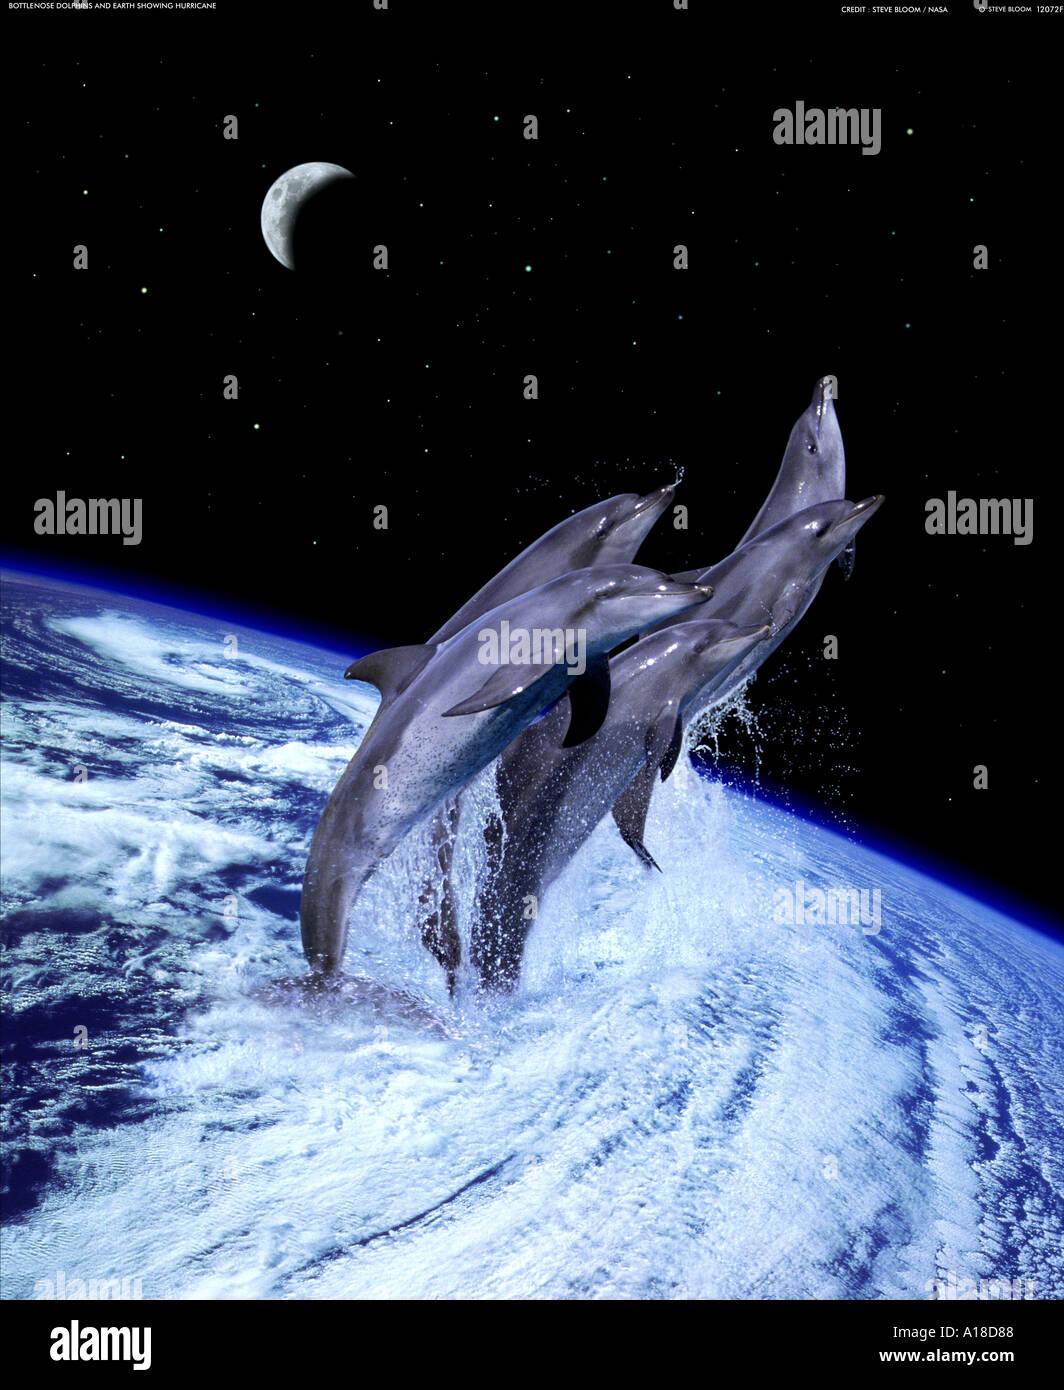 Delphine springen von einem Hurrikan auf der Erde Stockbild